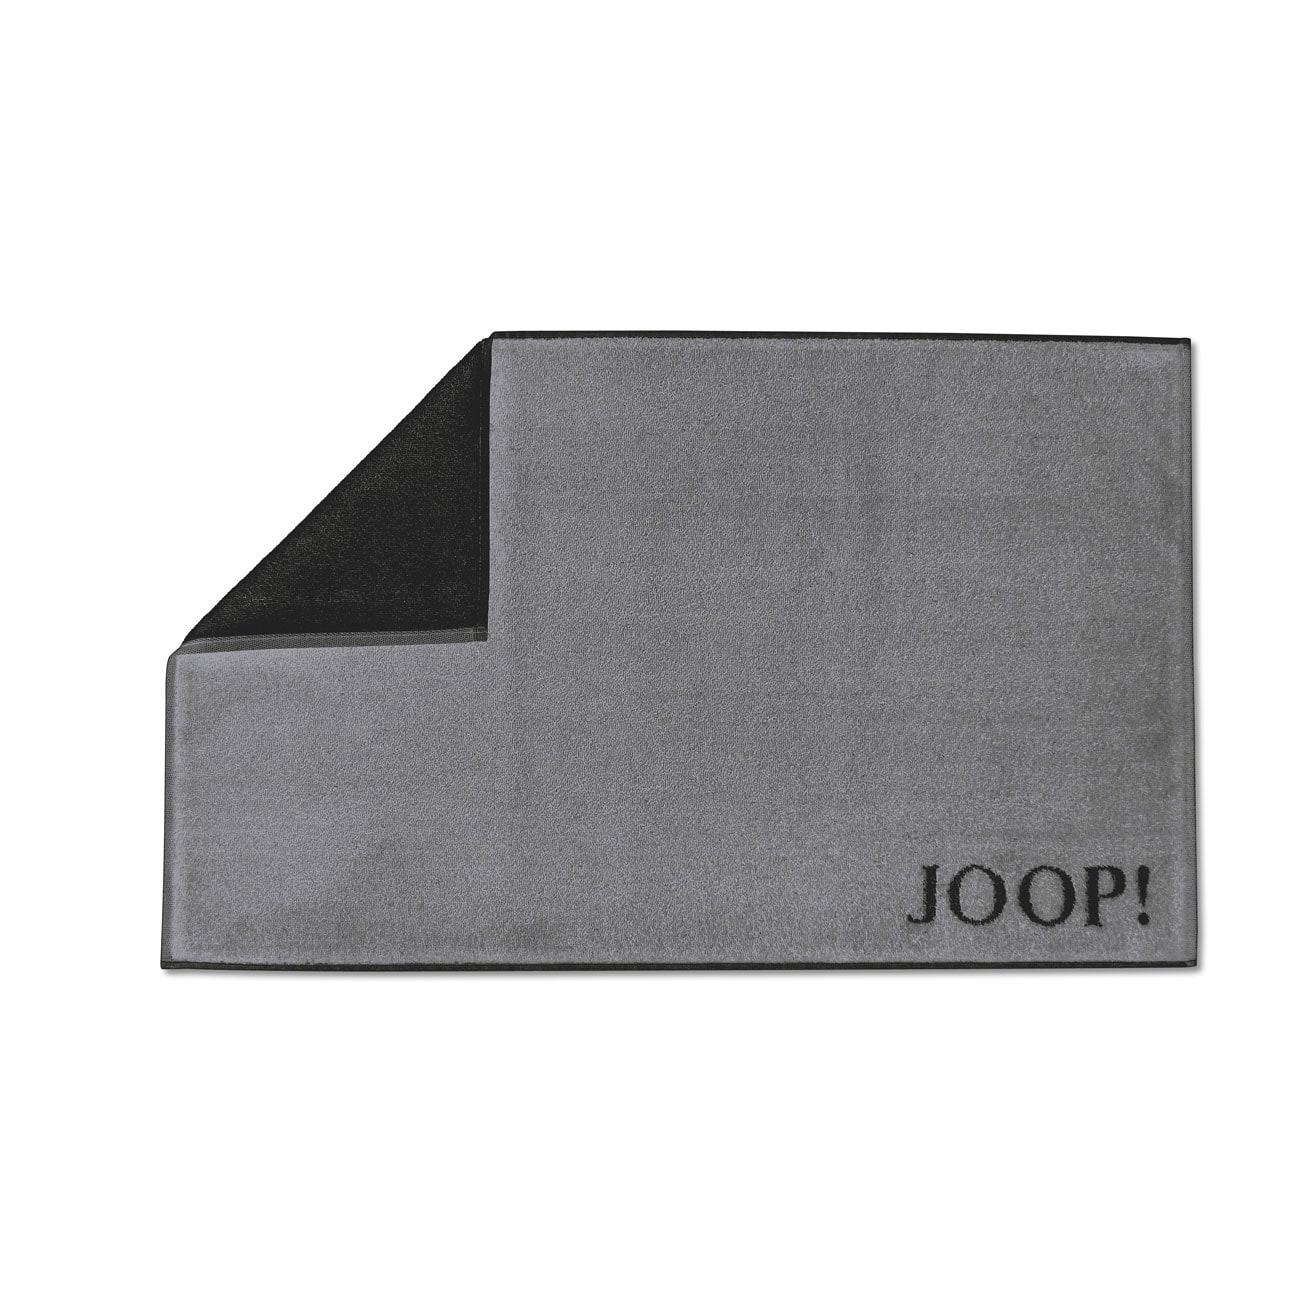 JOOP Doubleface Badematte Classic anthrazit-schwarz